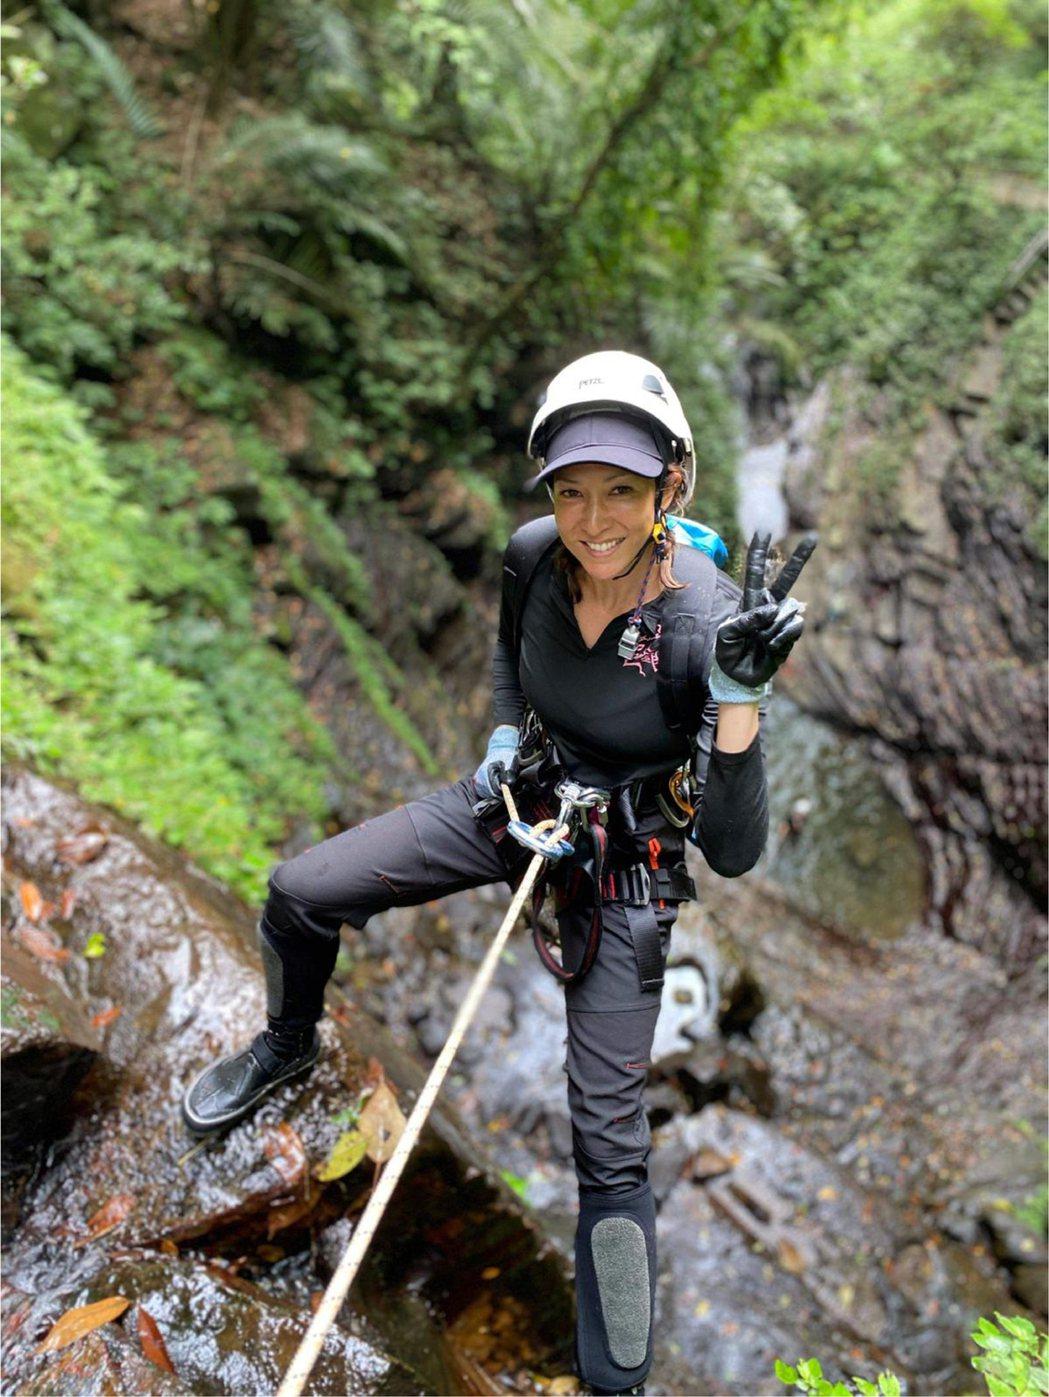 李詠嫻挑戰13層樓高瀑布溪降。圖/艾迪昇傳播提供